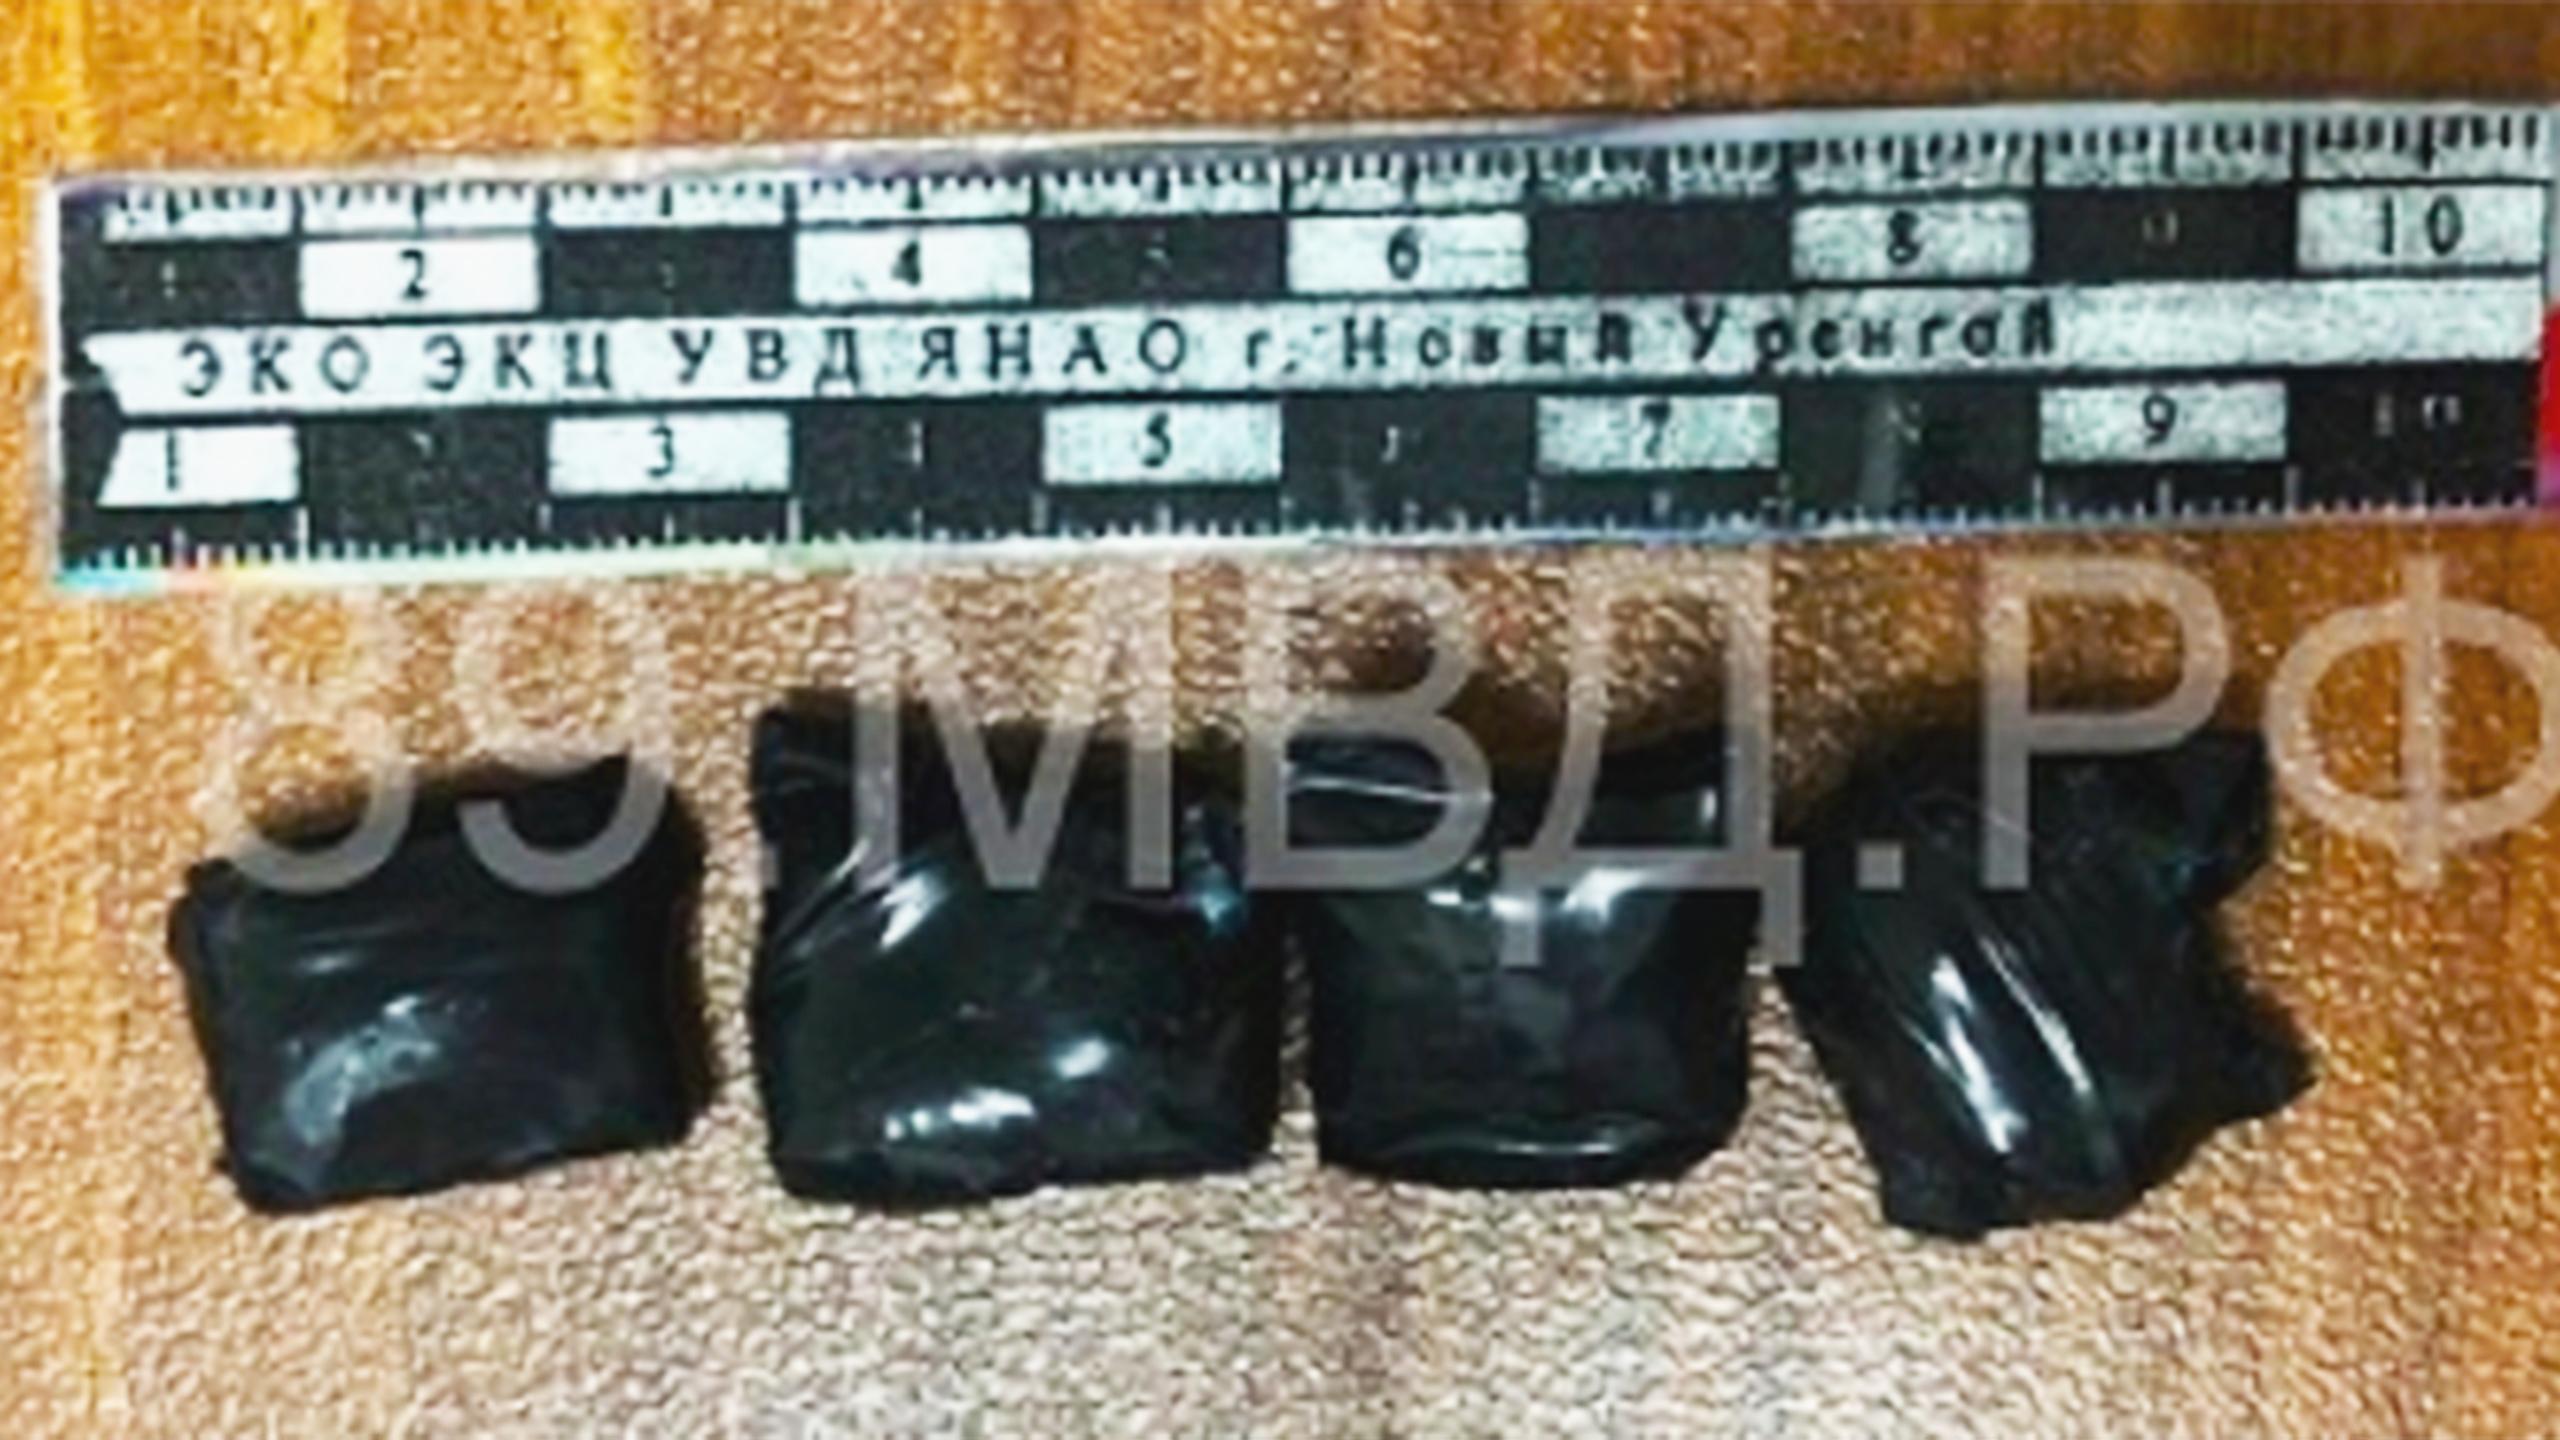 В Новом Уренгое задержаны мужчина и женщина с крупной партией синтетического наркотика